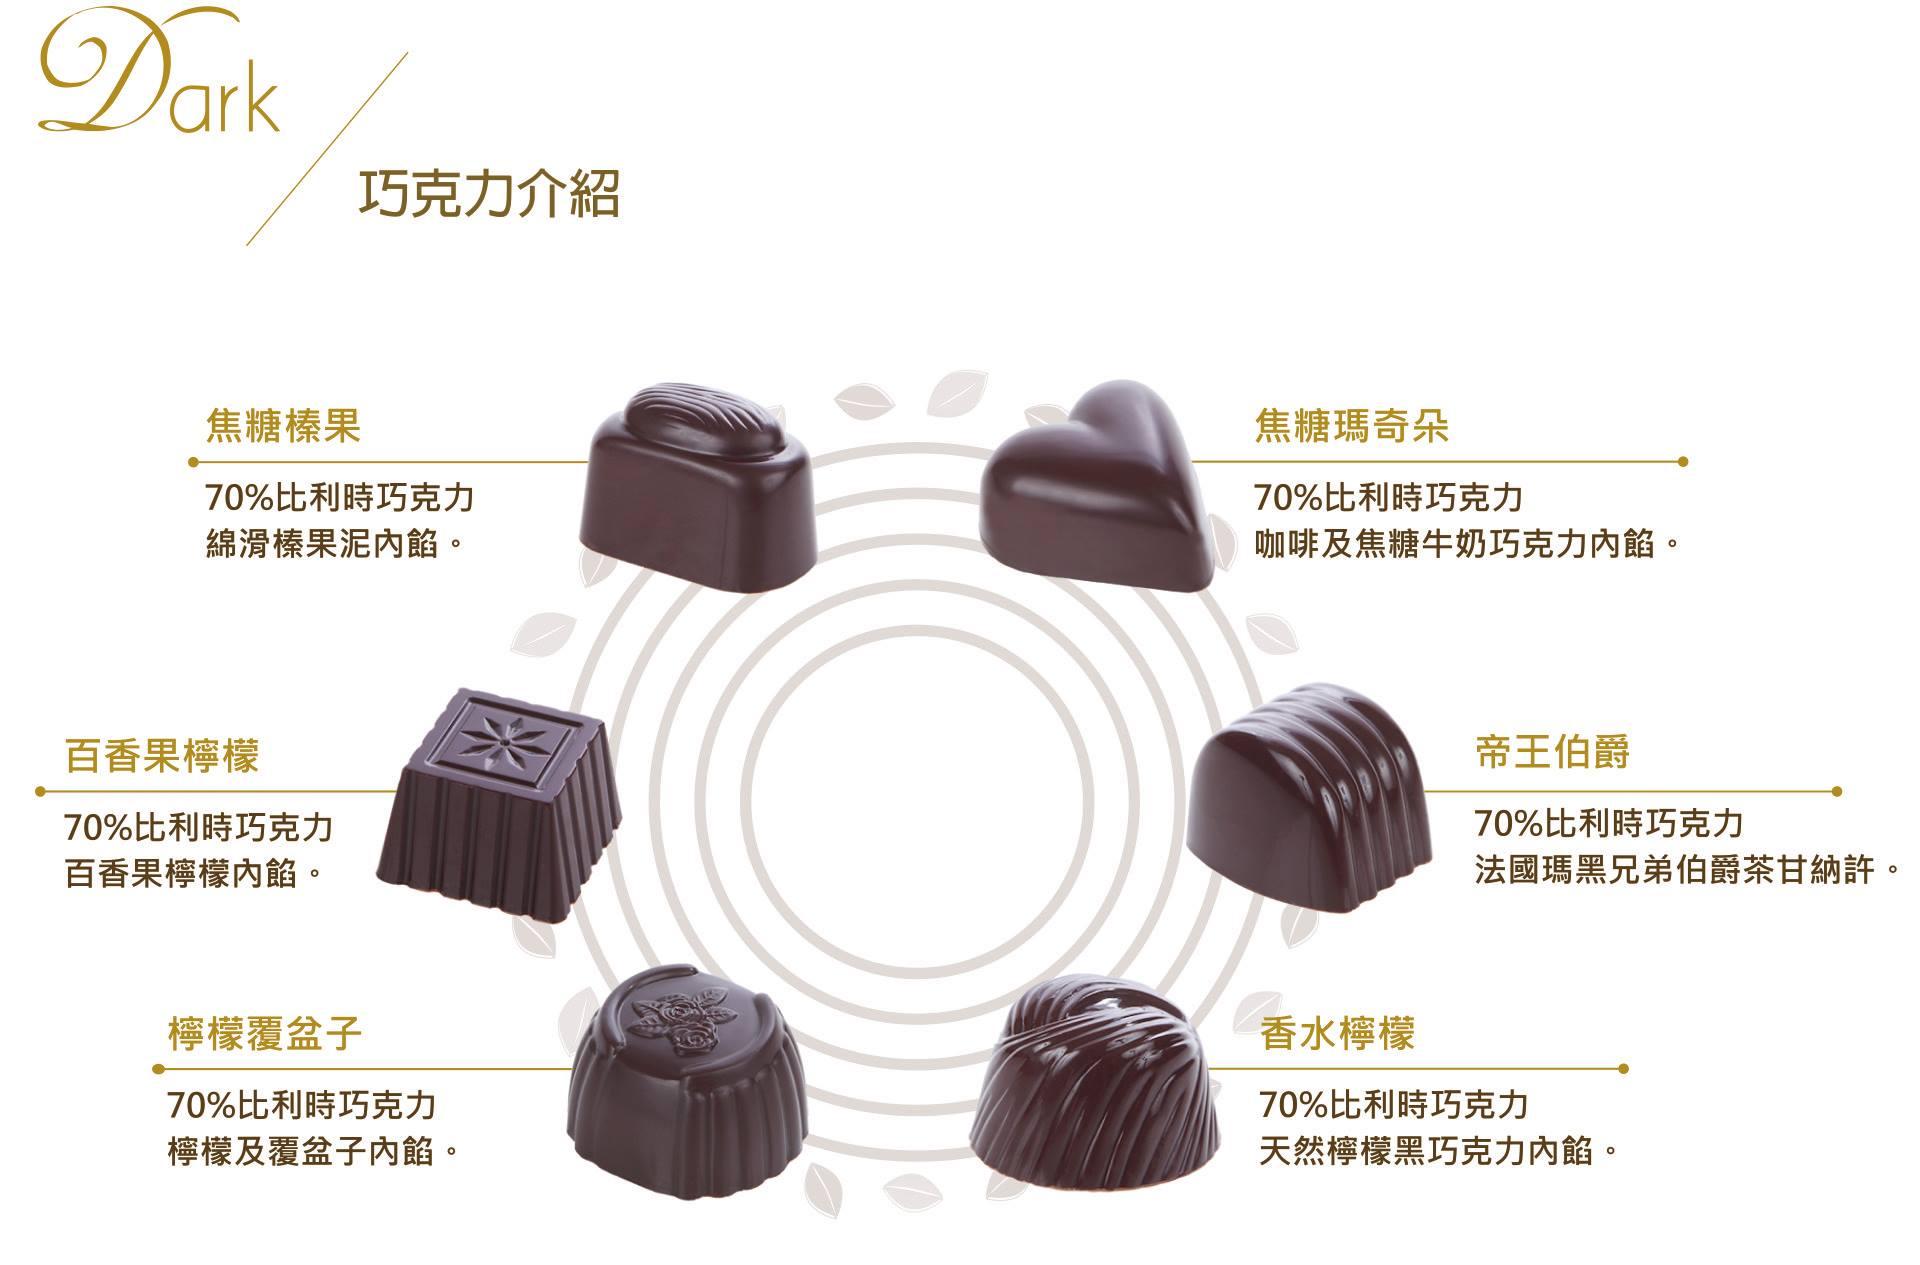 DARK  純黑手工夾心巧克力 6顆 3